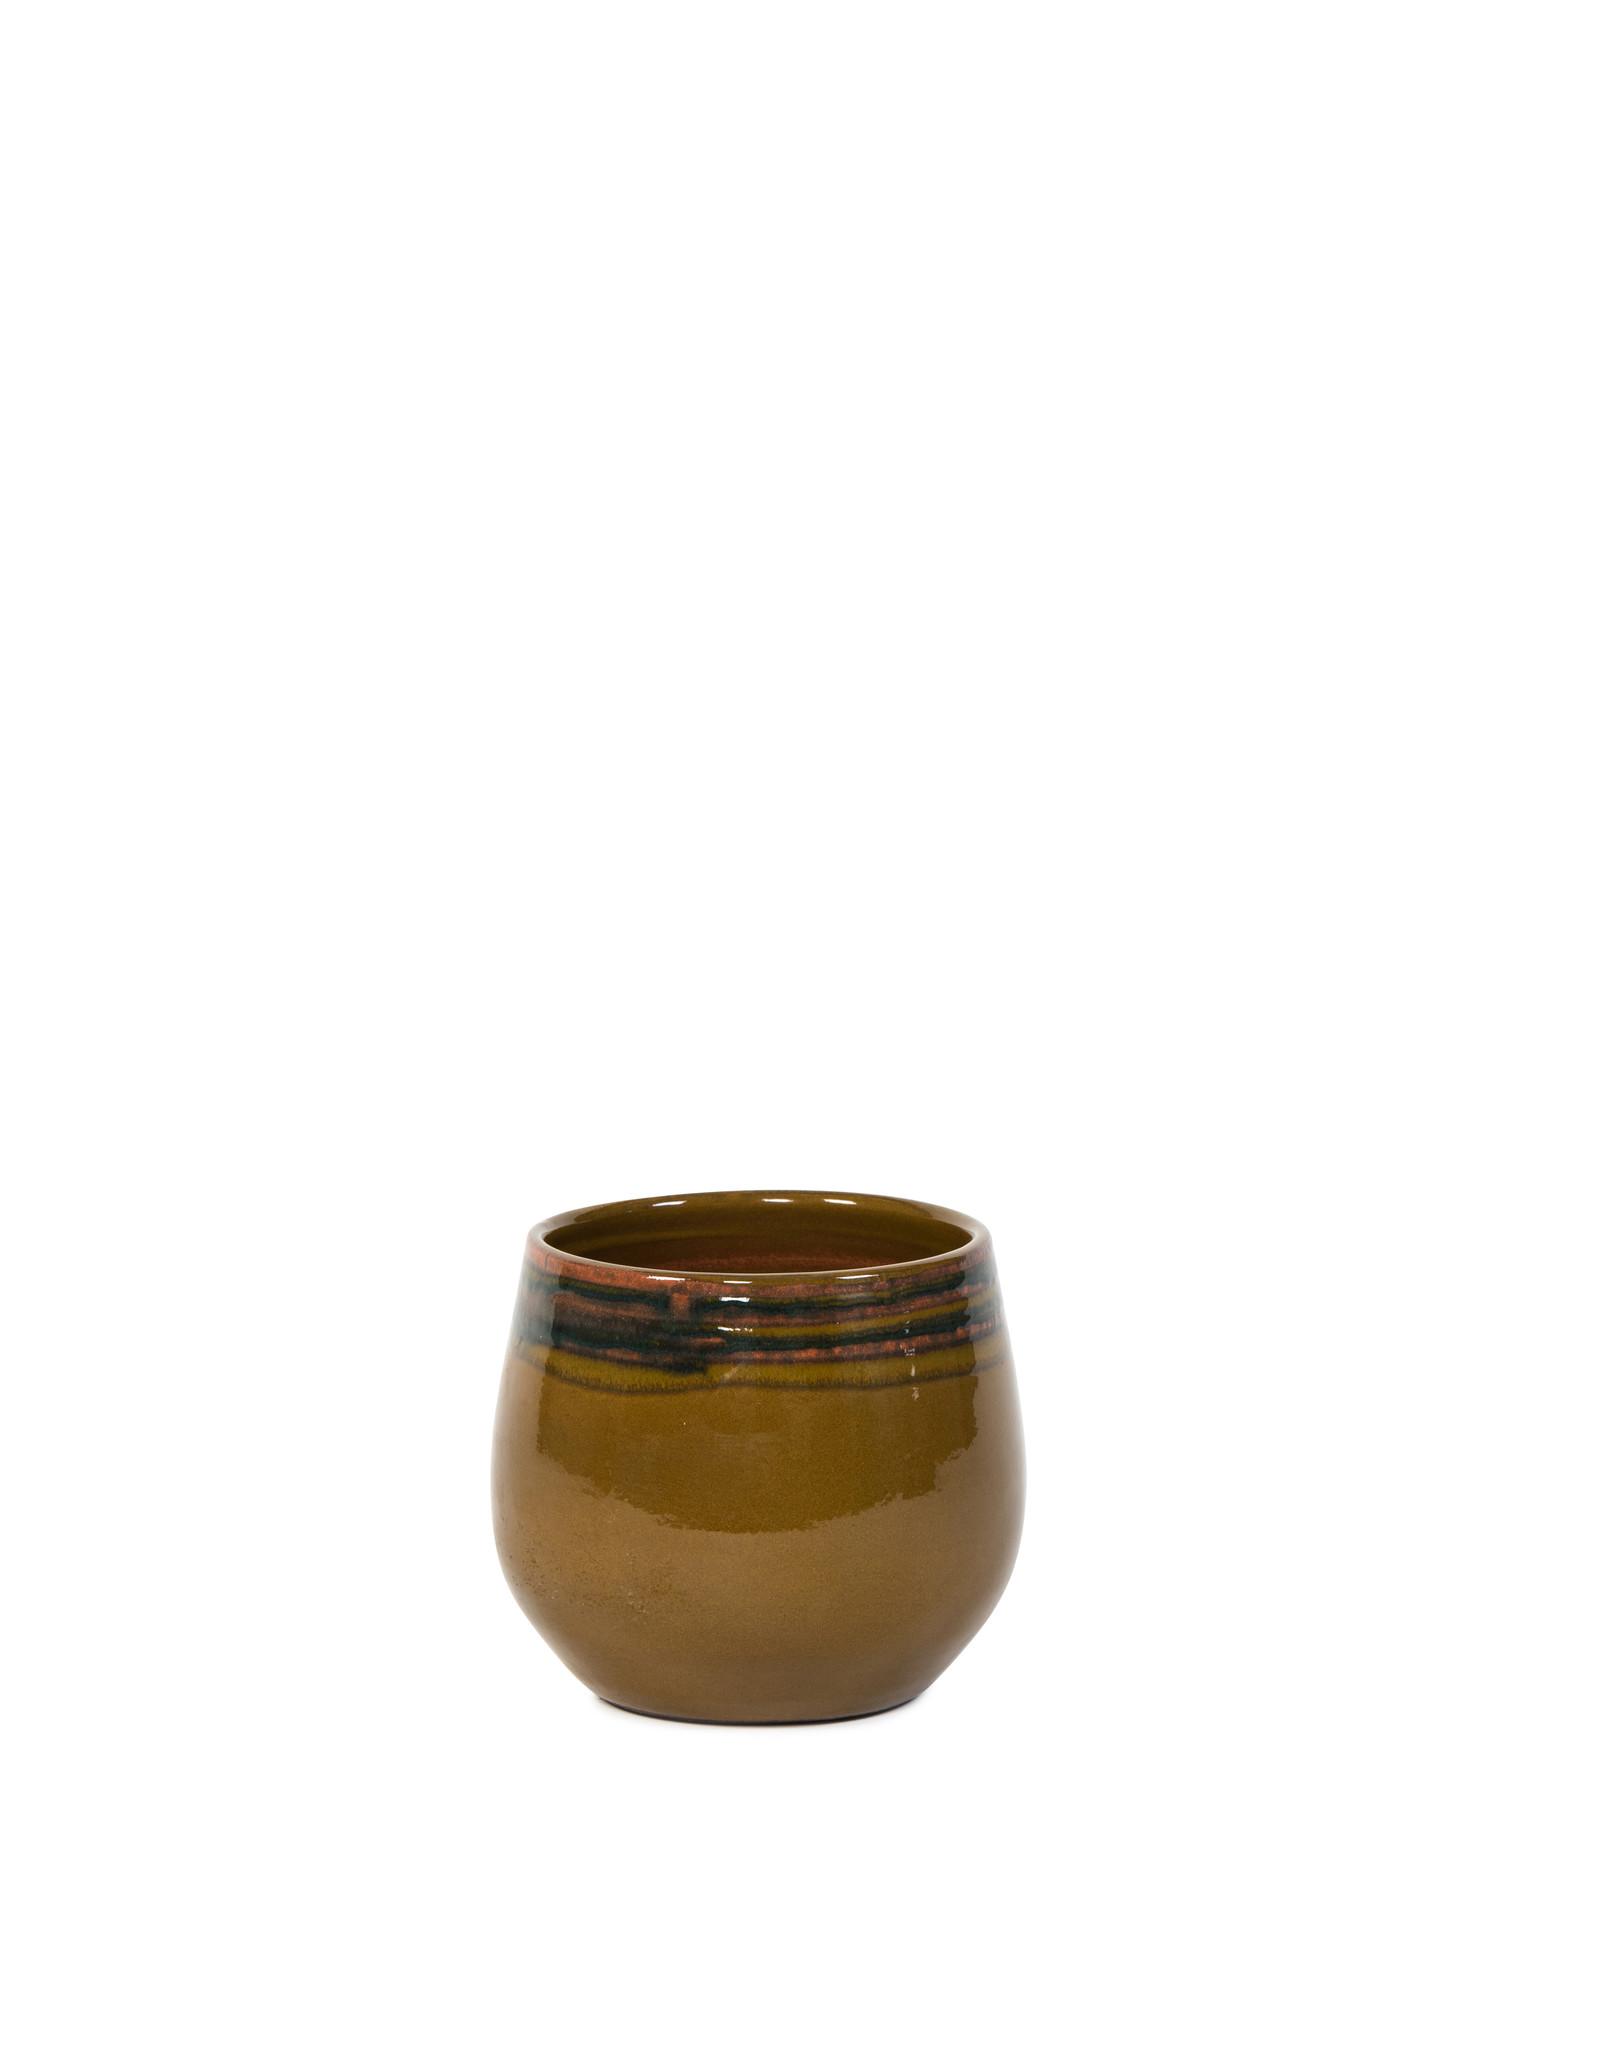 Dekocandle Bloempot Terracotta Oker Medium rond